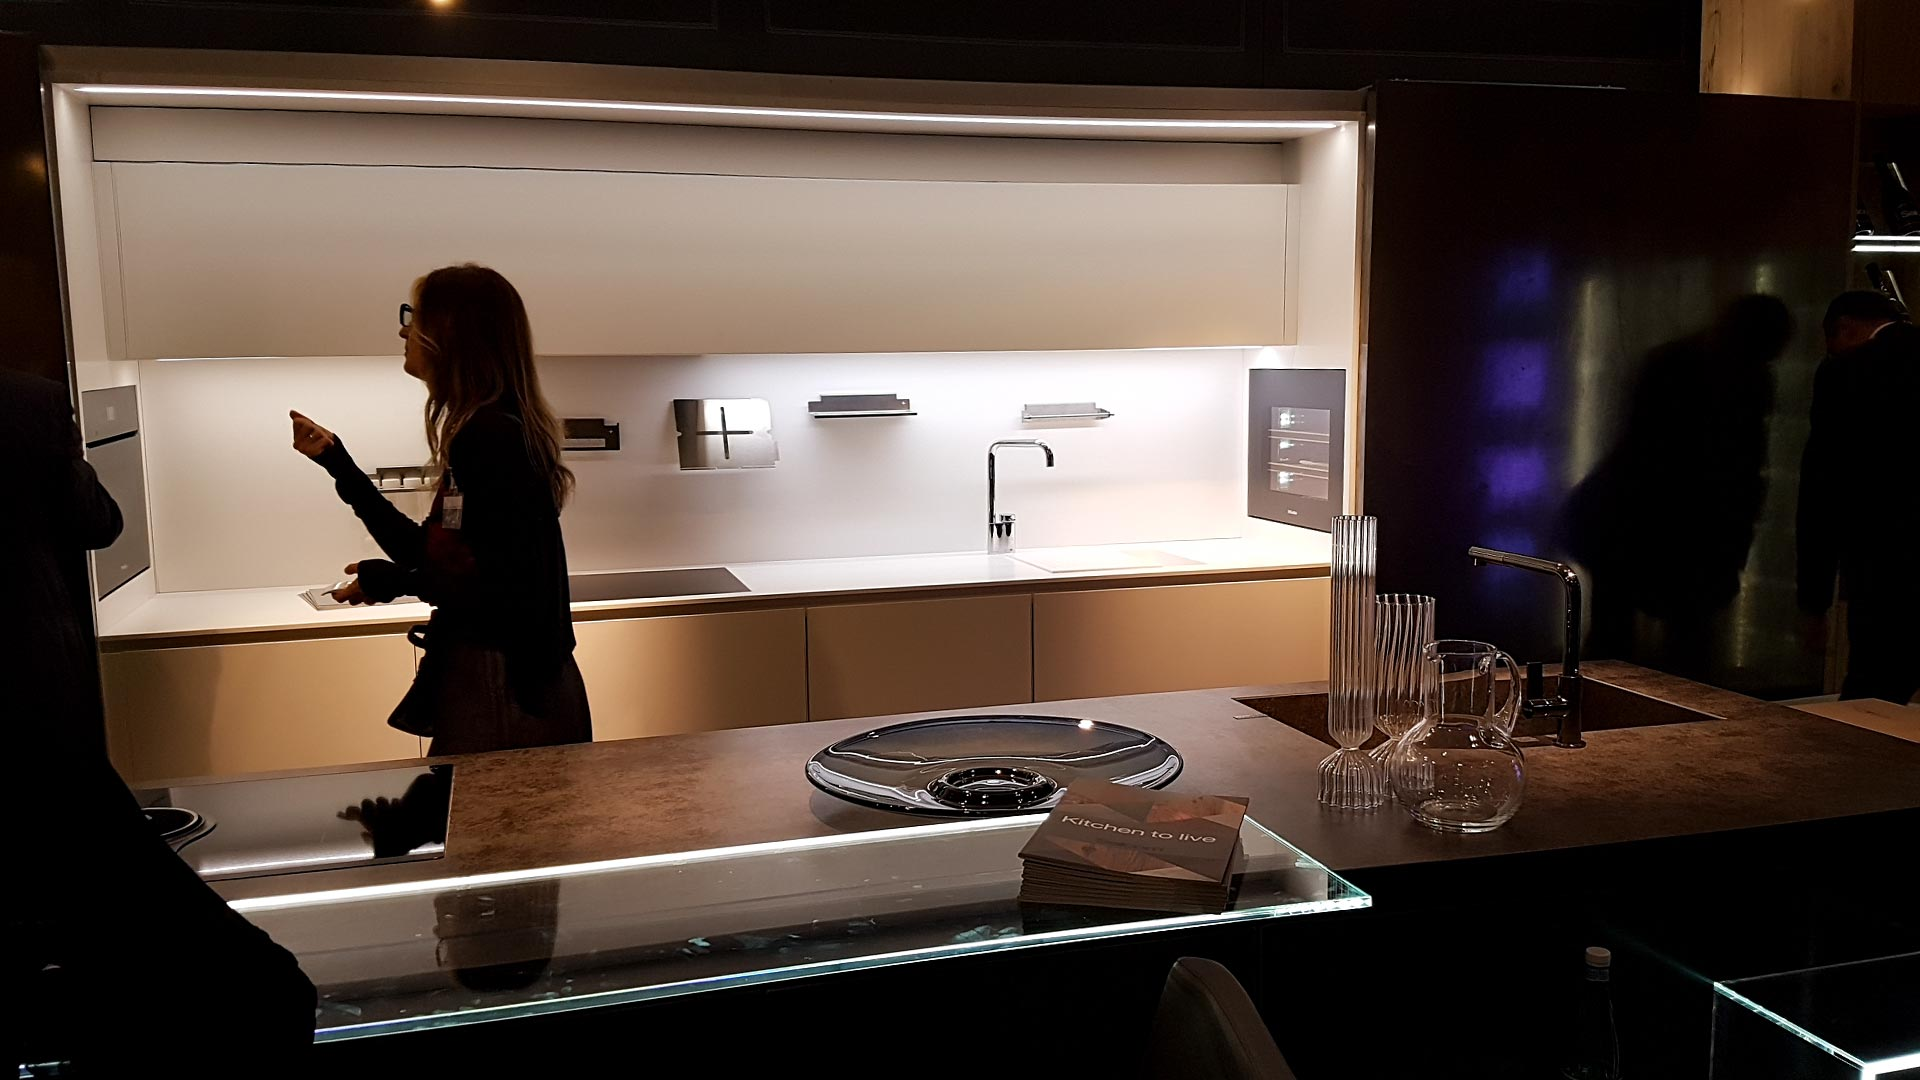 Dynamische Beleuchtung ist auch in den Küchentrends 2018 vertreten. Smart Home ist angesagt.